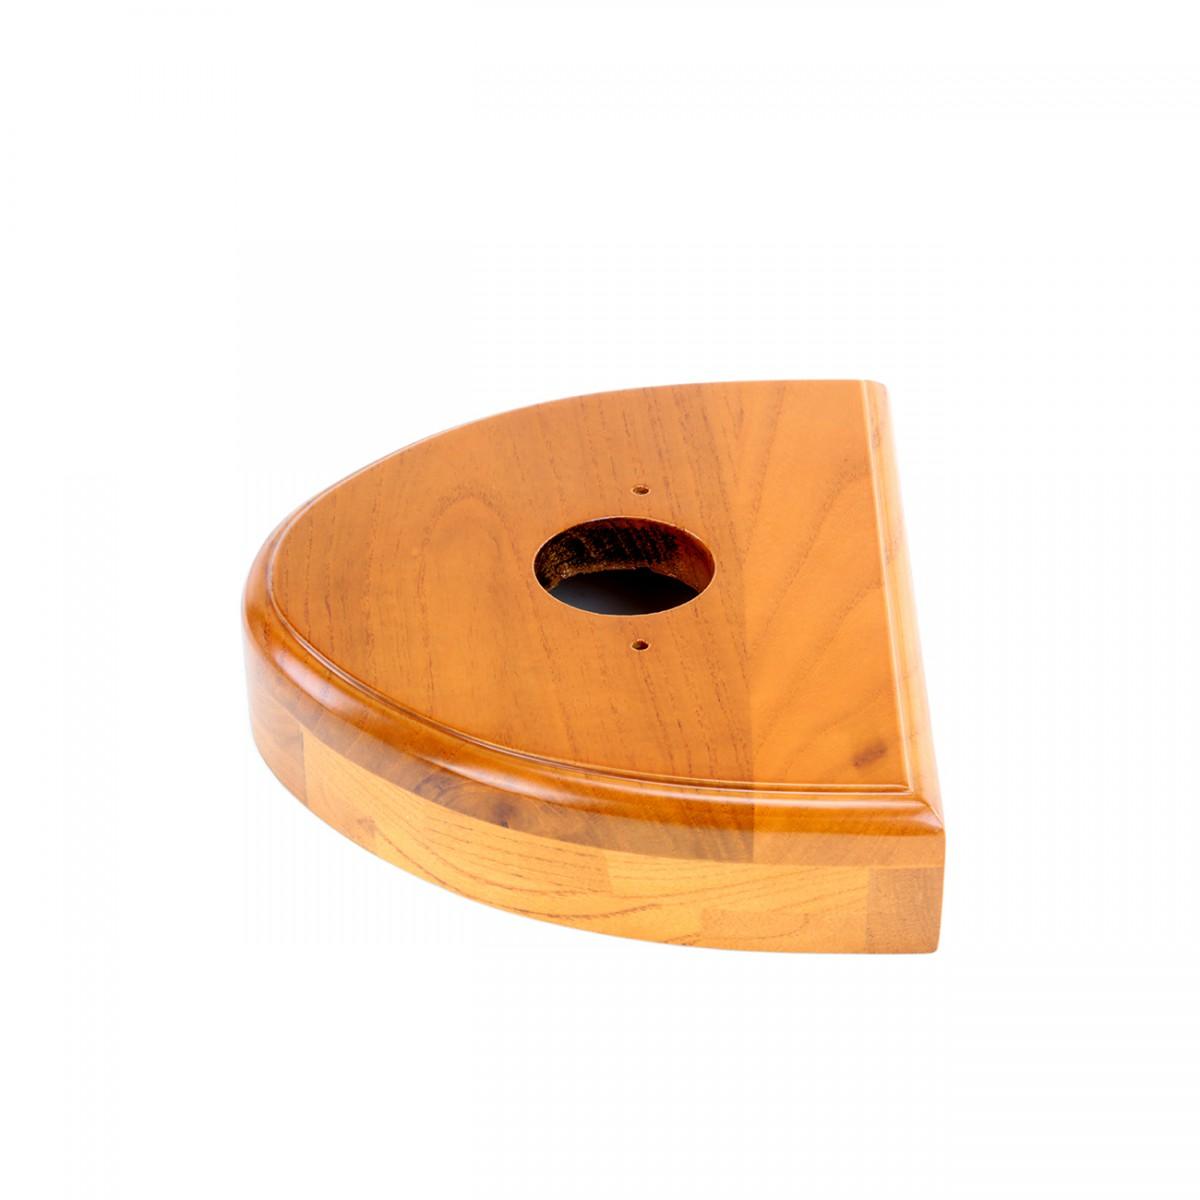 Toilet Part Light Oak Hardwood for High Tanks Toilet Part Toilet Parts Toilet Replacement Part